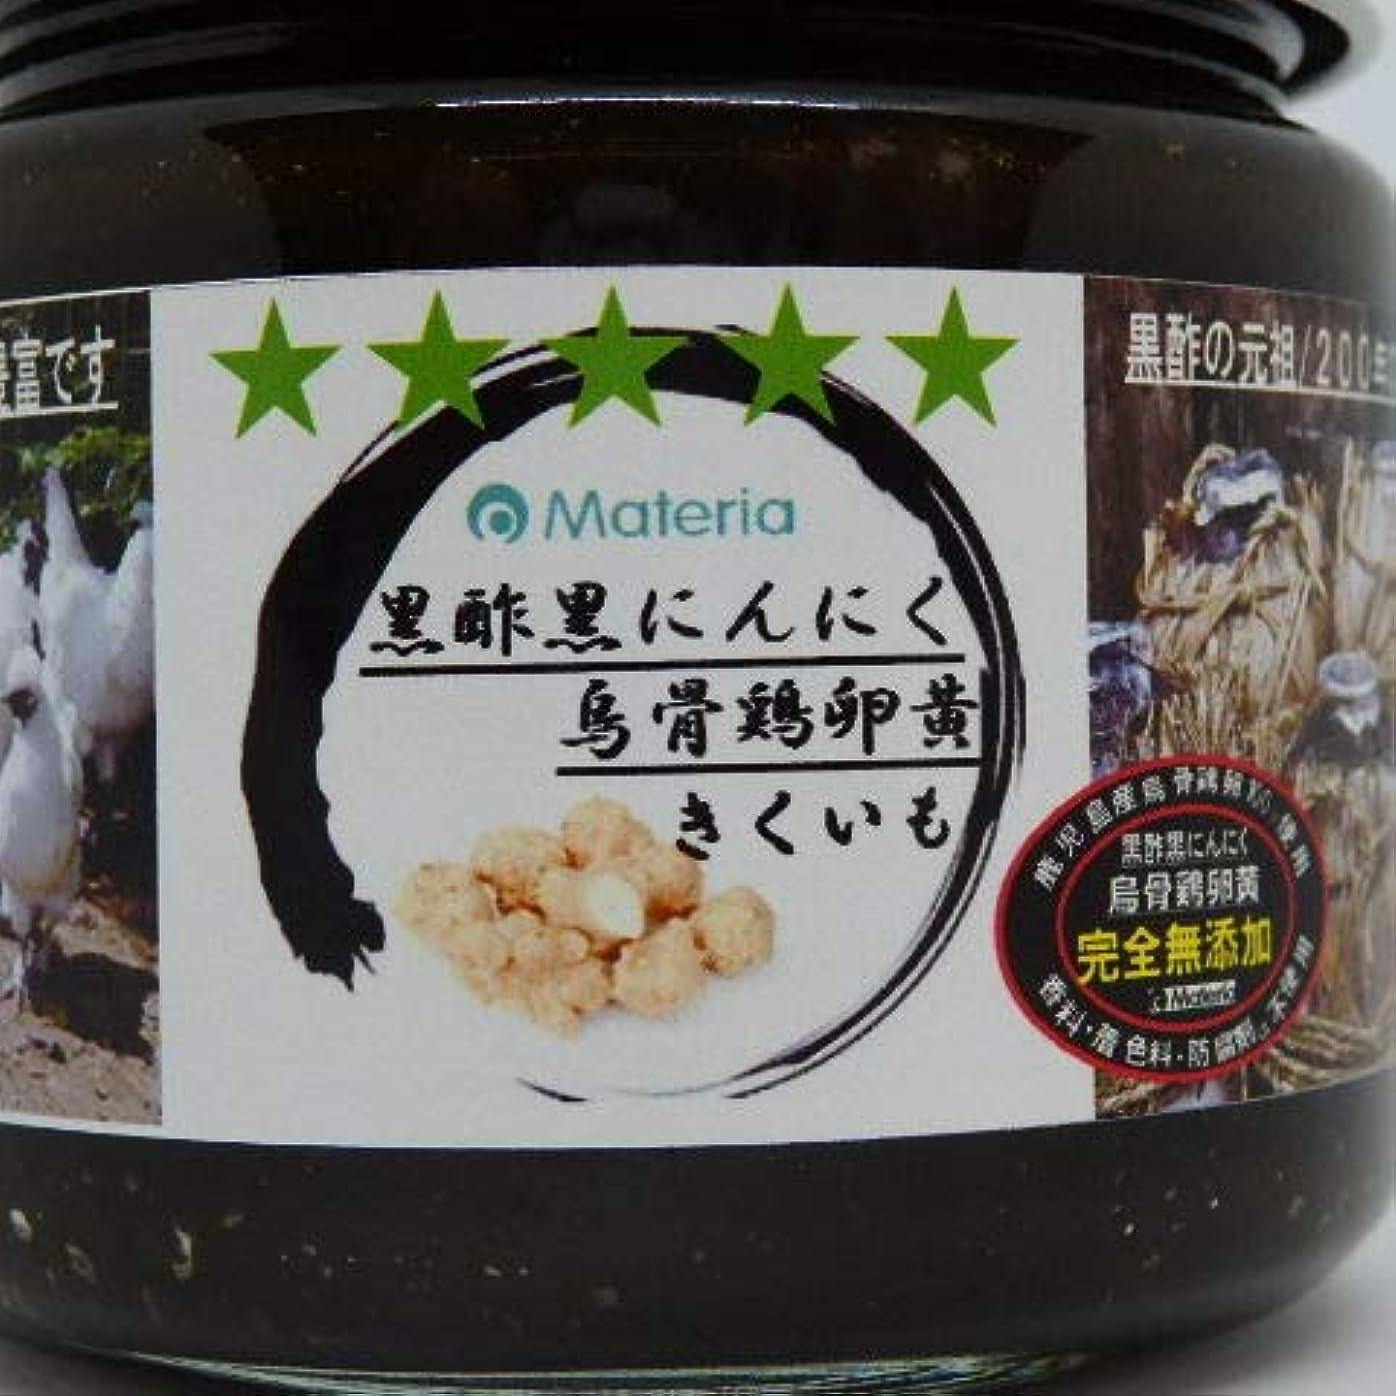 変形する衝突流行している黒酢黒にんにく烏骨鶏卵黄/菊芋糖系ペ-スト早溶150g (1月分)¥11,500